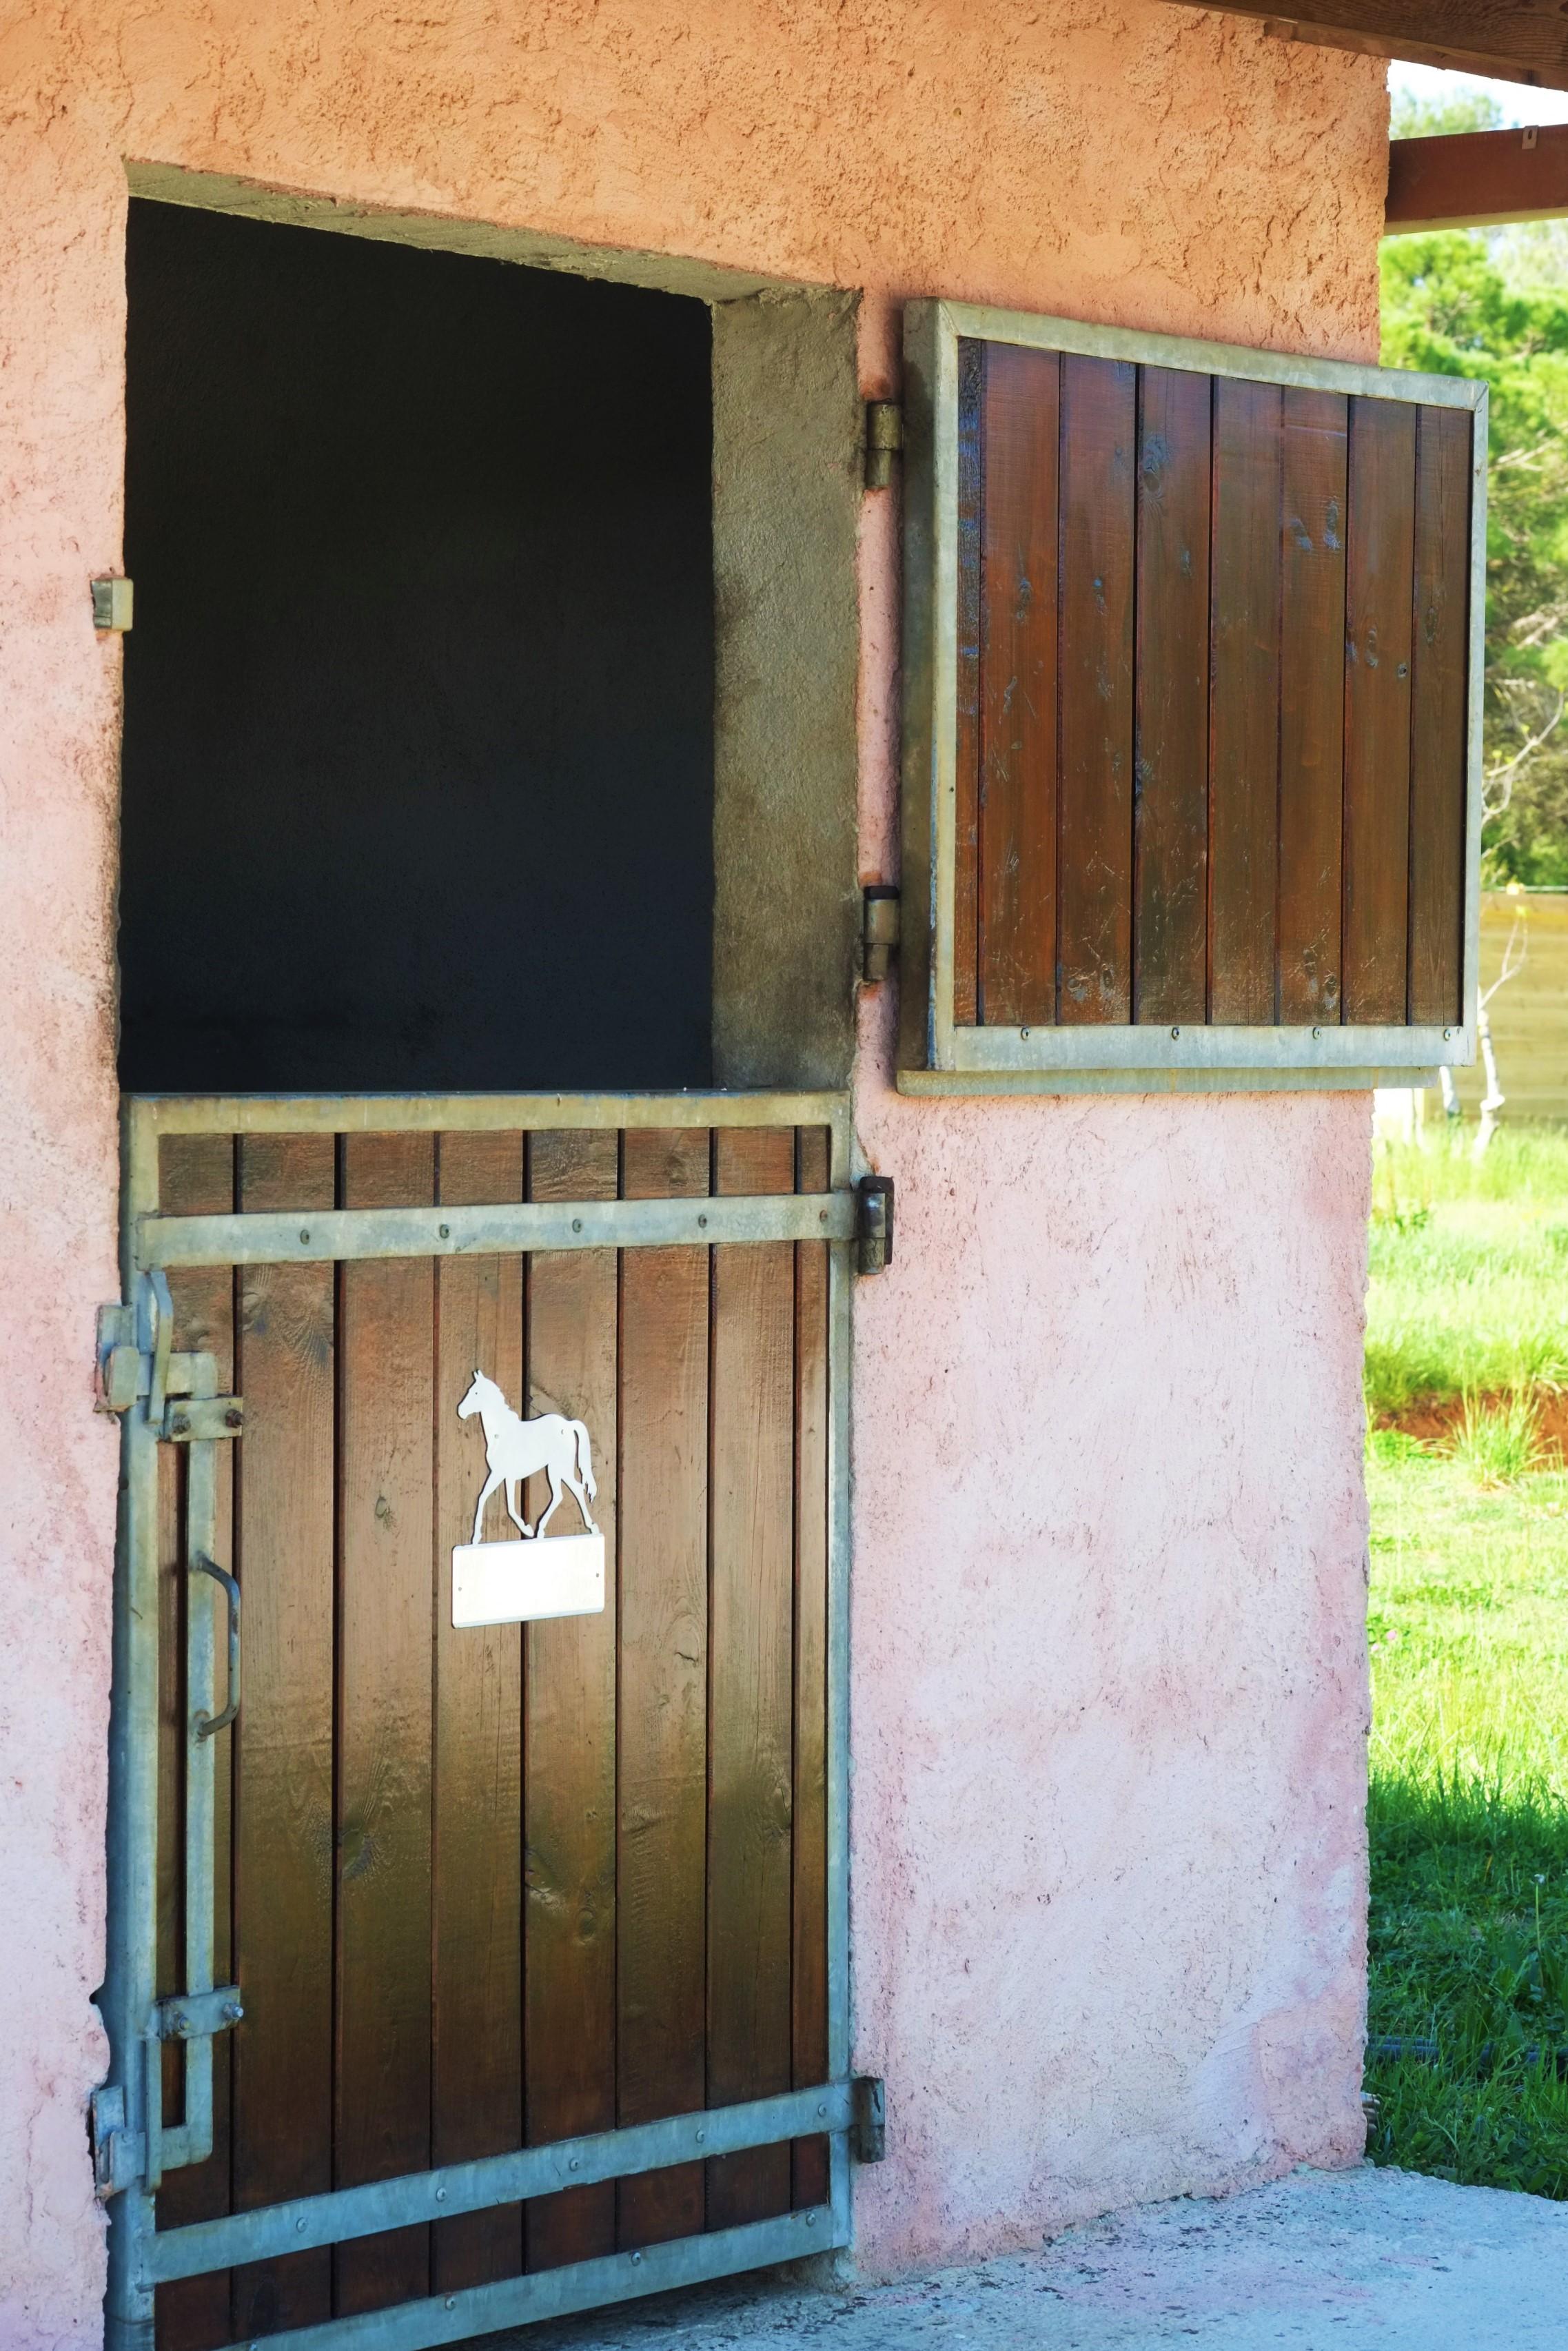 Porte Boxe - Pension Dressage Cheval Propriétaire - Haras La Colombiere - Bordsol Reverdy Crau AOC